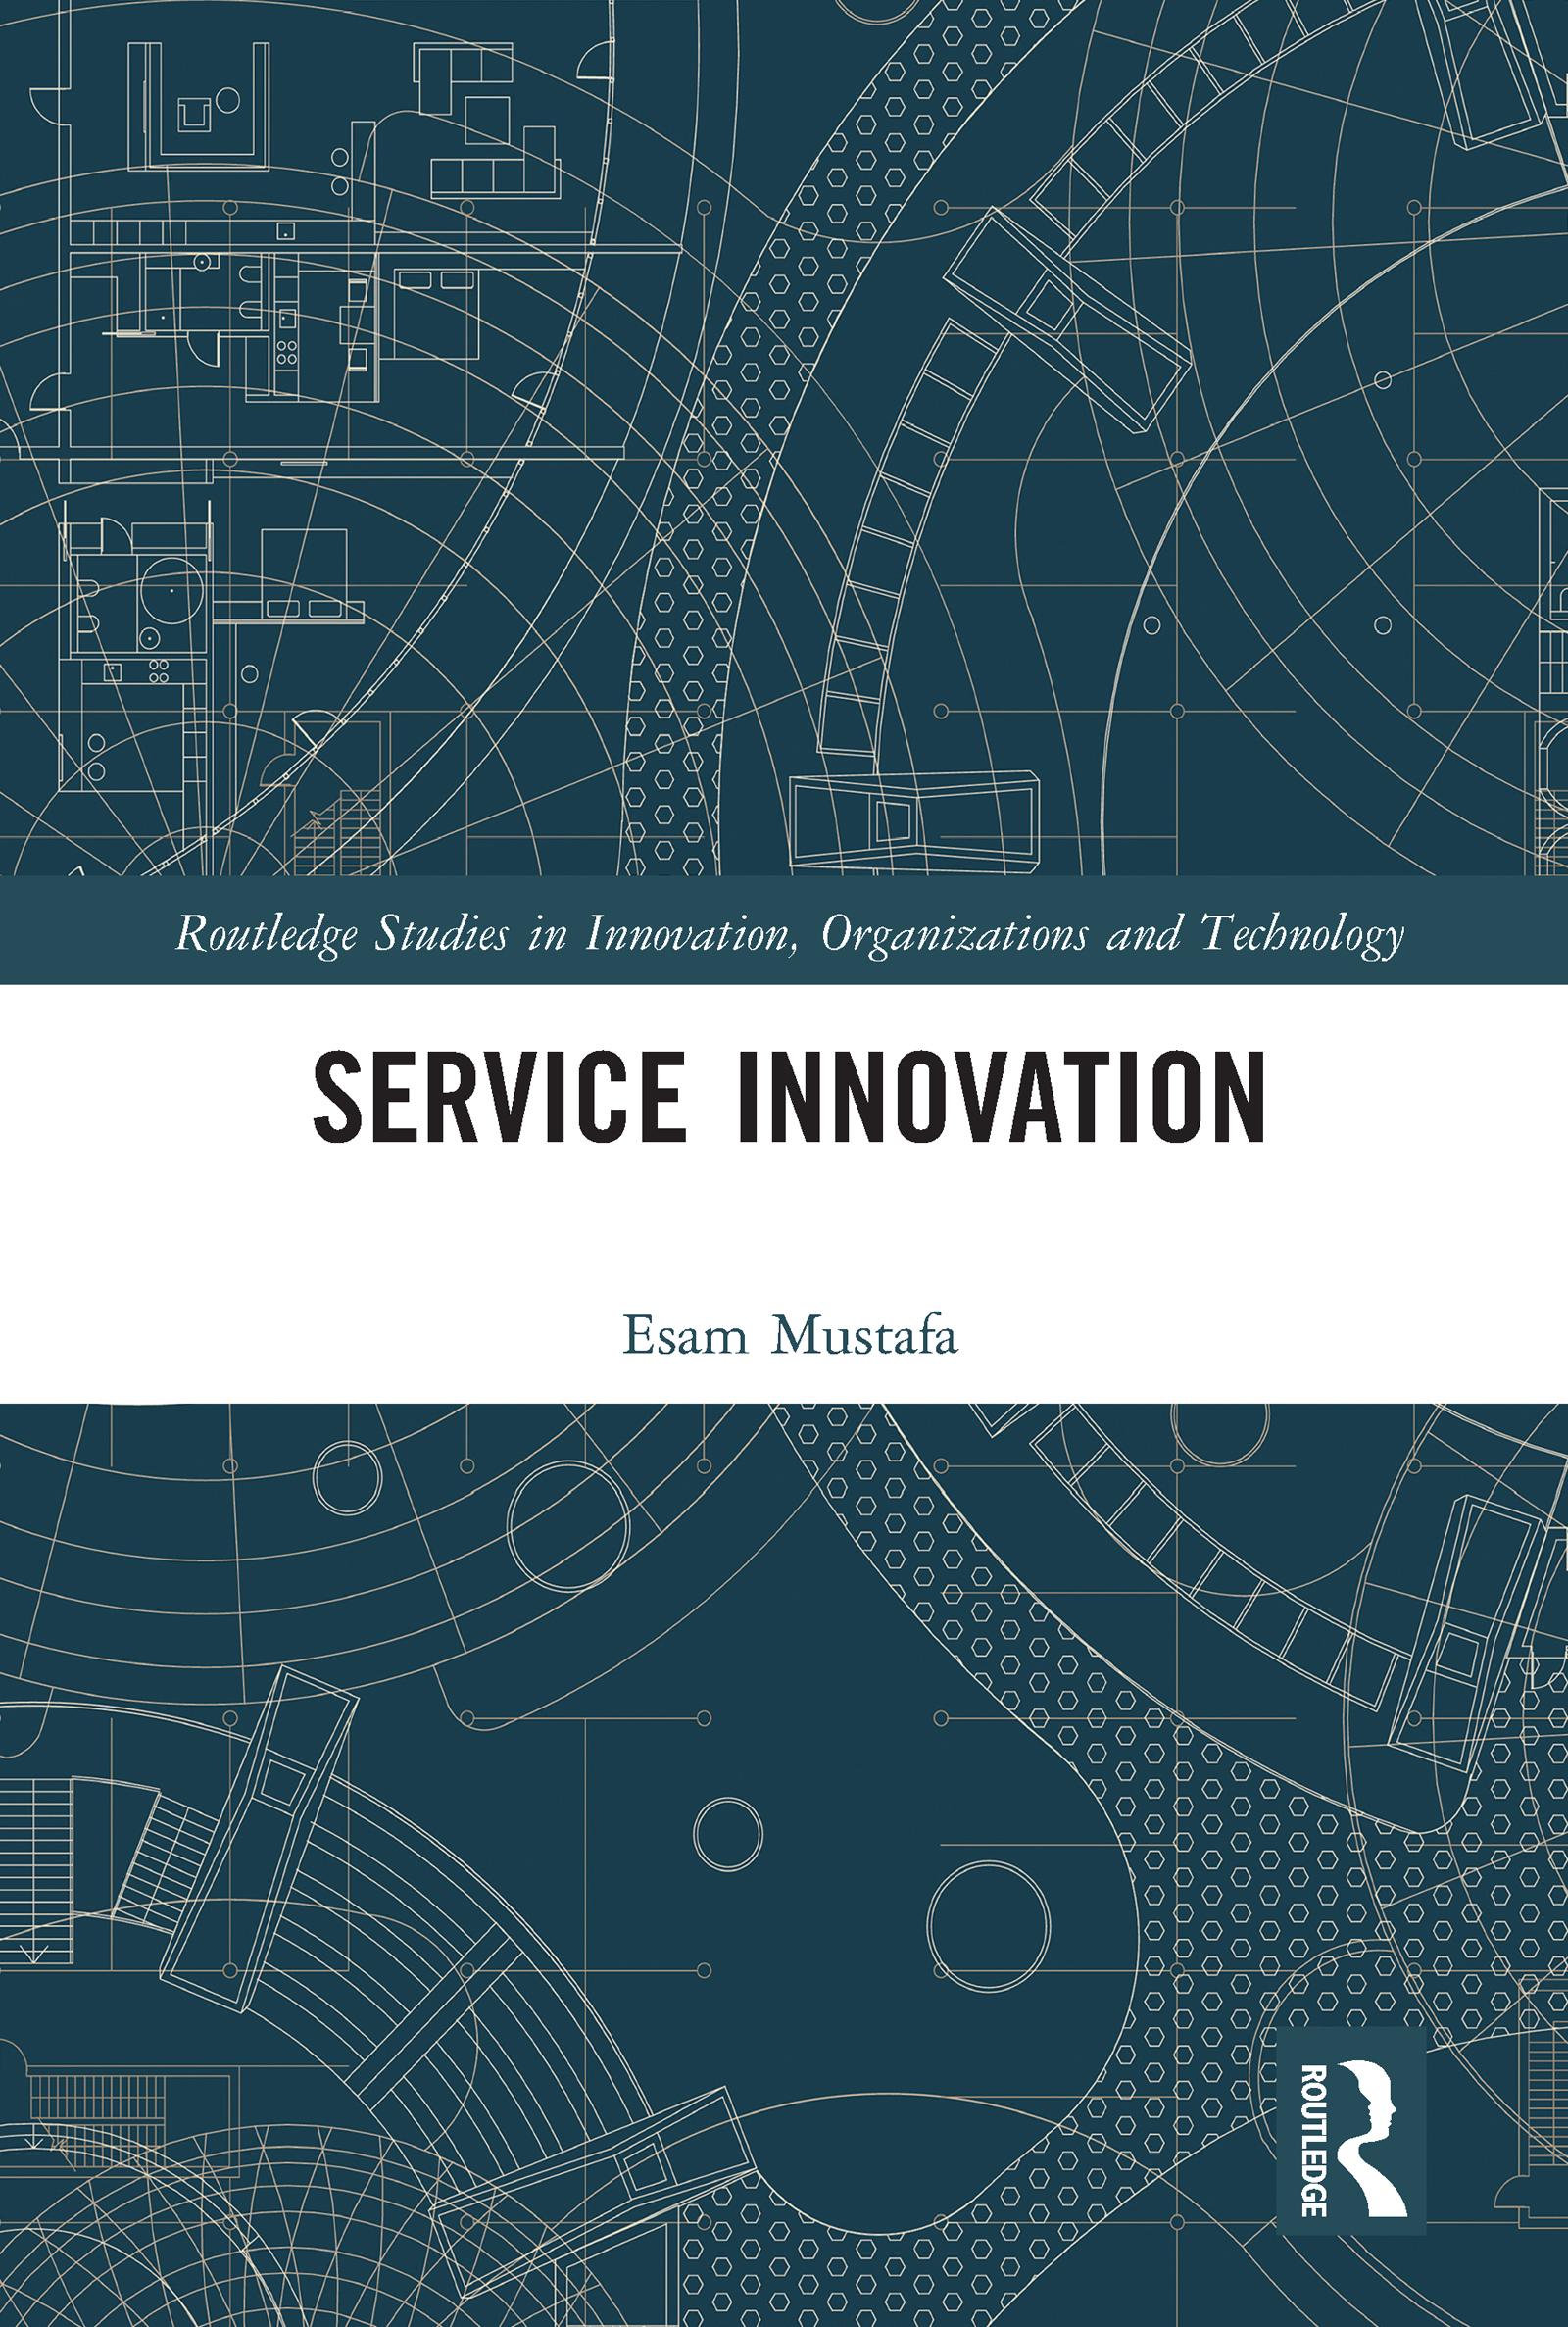 Service Innovation